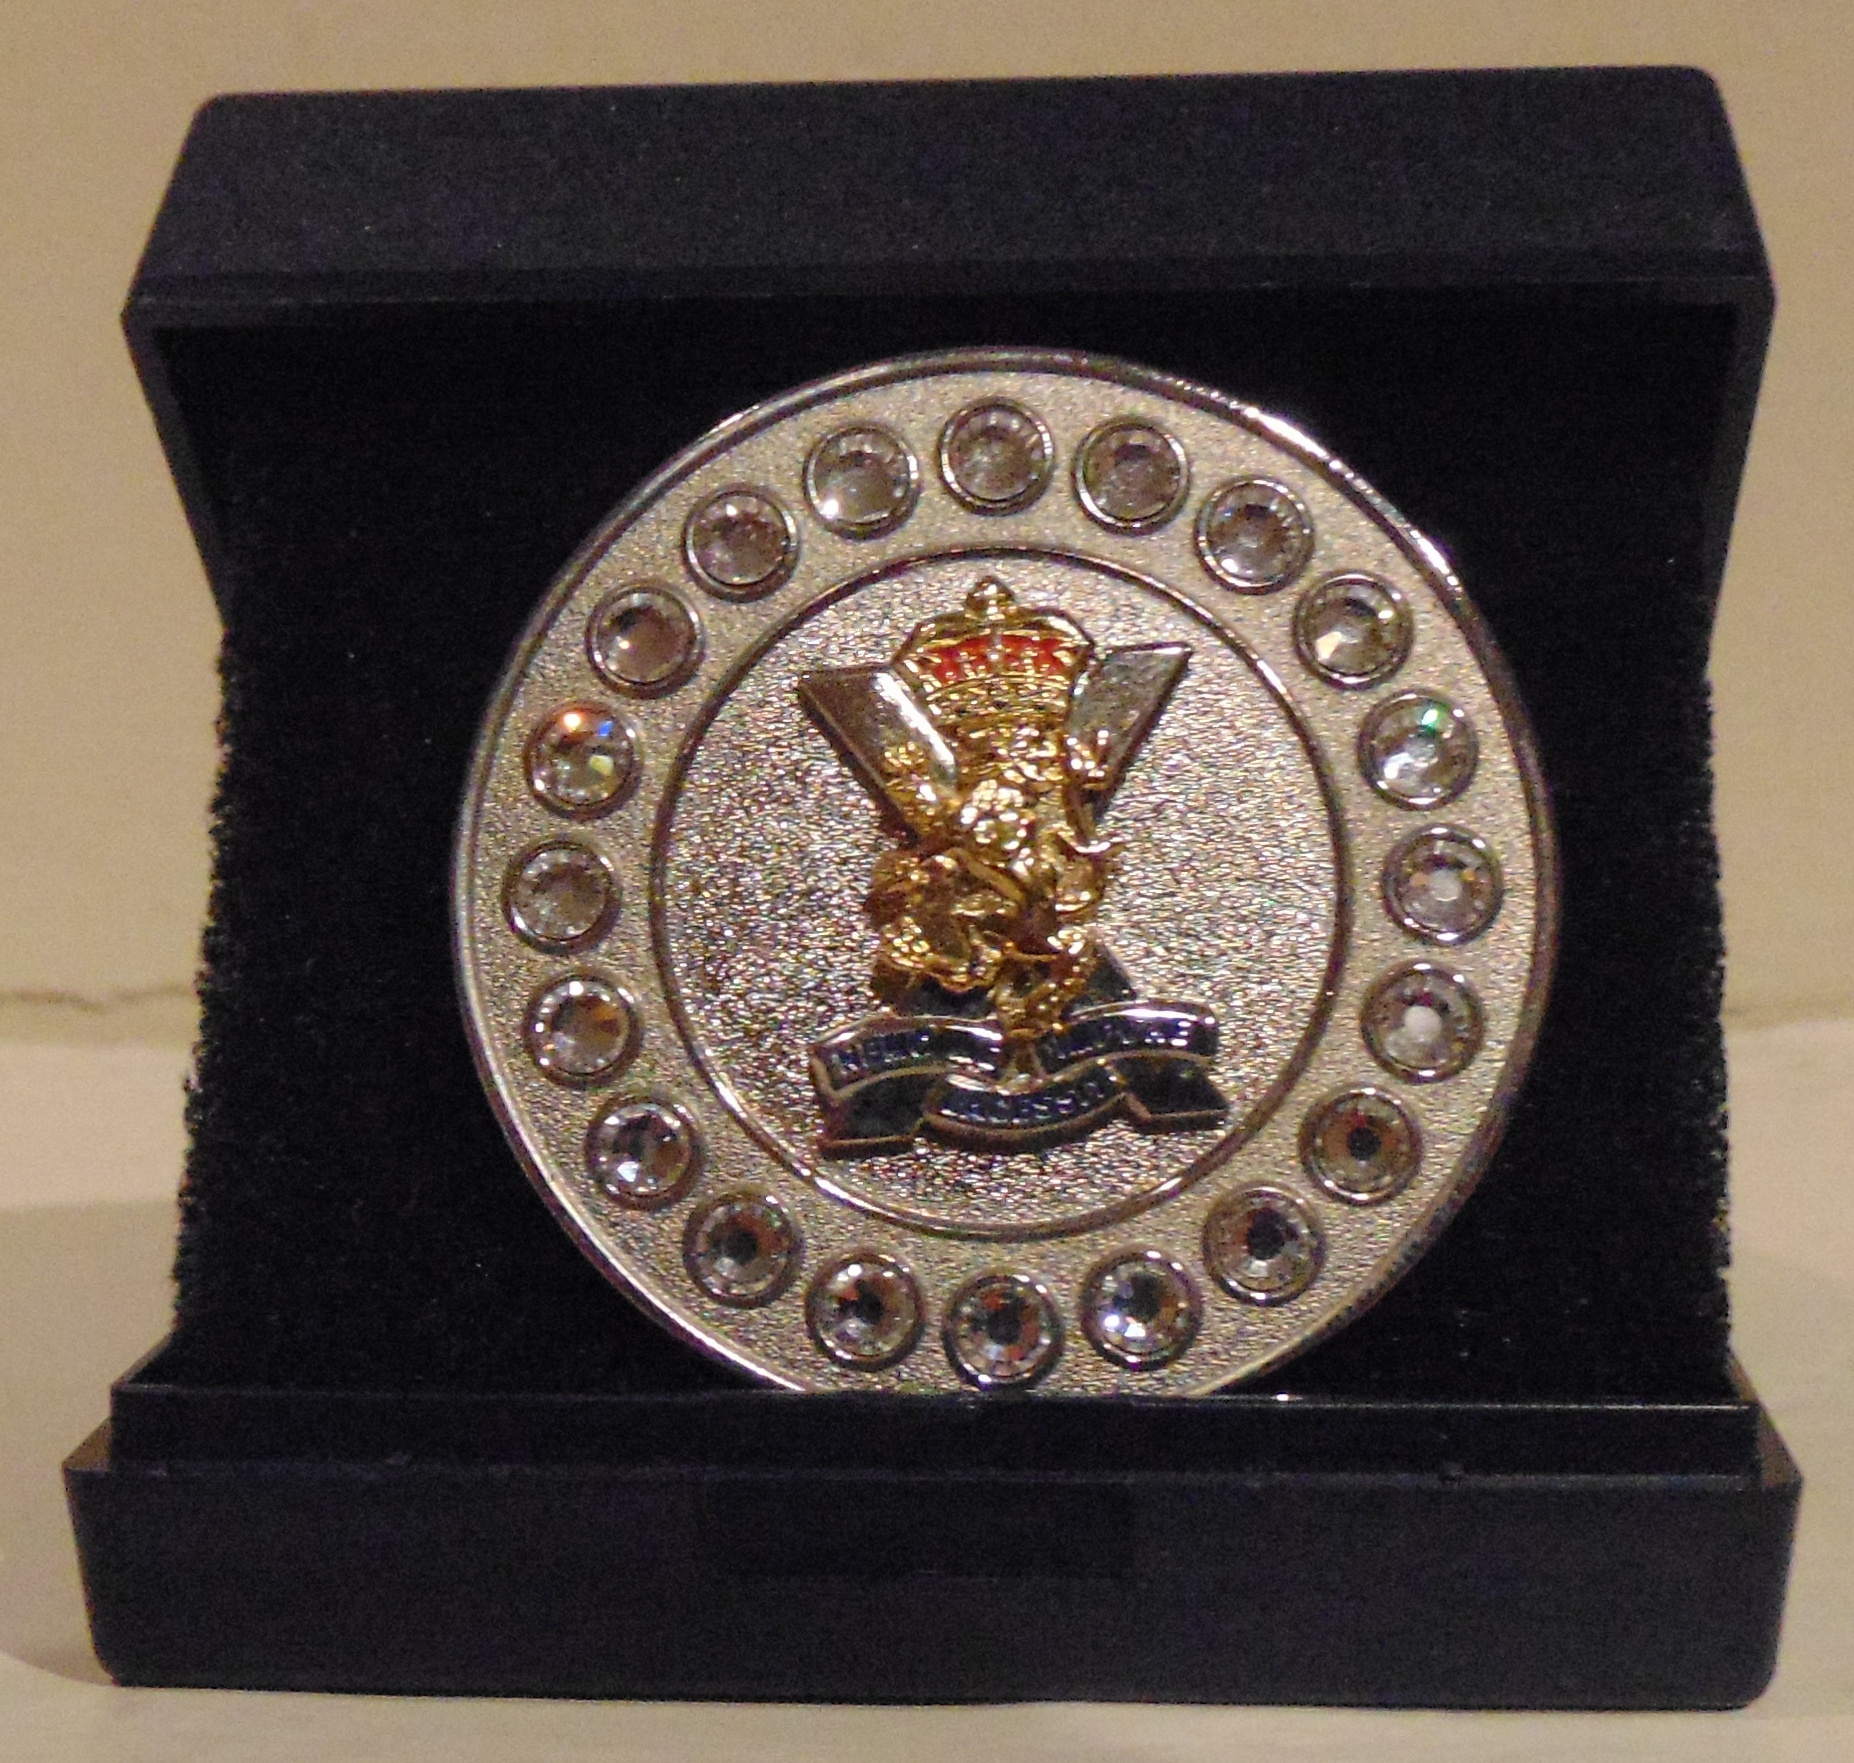 Royal Regiment of Scotland Brooch